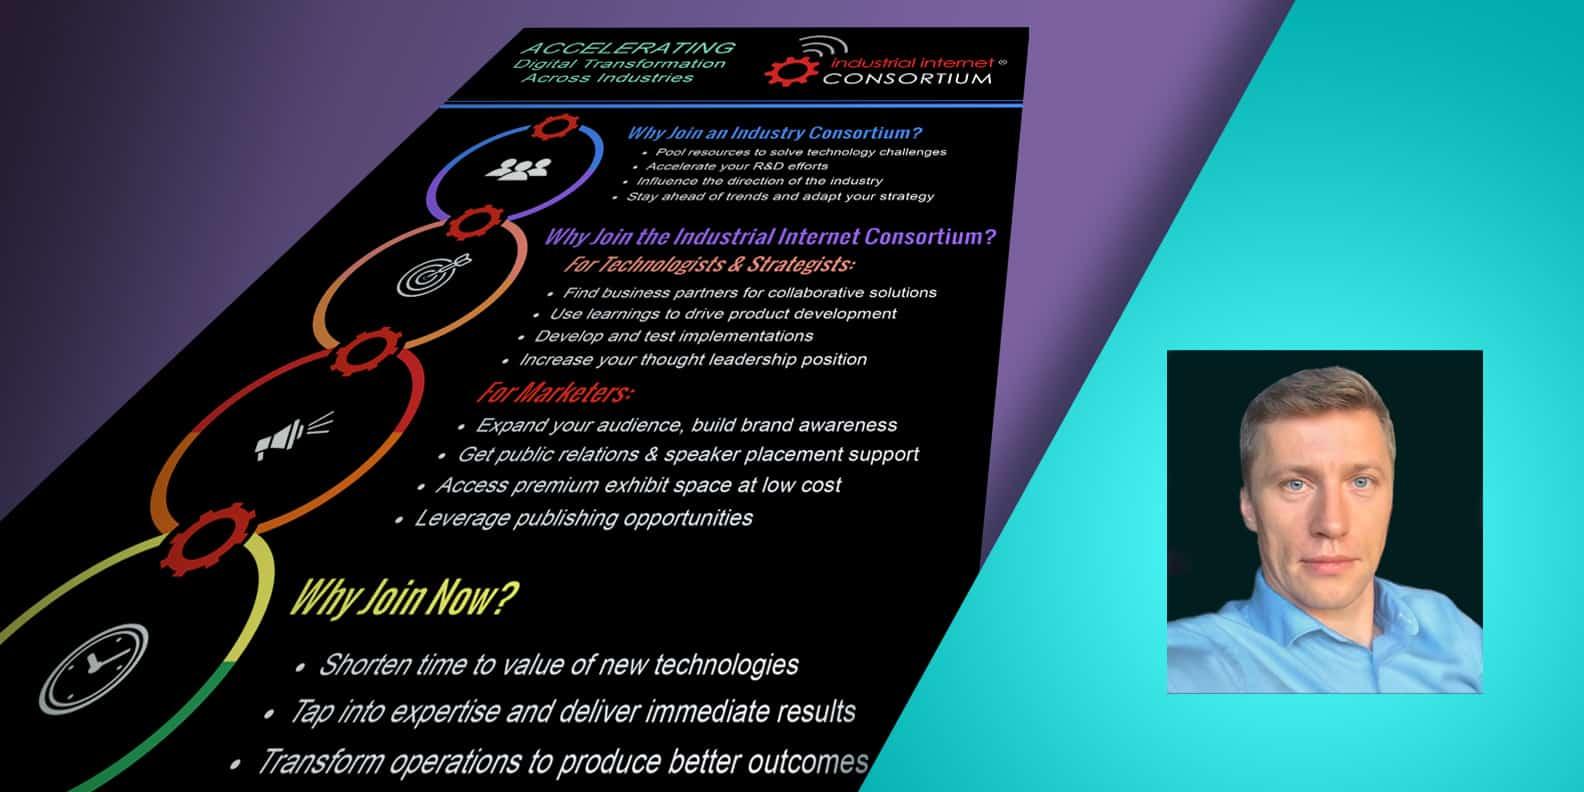 В середине октября Сколтех вступил в Industrial Internet Consortium, одну из самых известных в мире организаций, которые занимаются интернетом вещей. Заместитель руководителя Центра компетенций НТИ на базе Сколтеха по развитию…